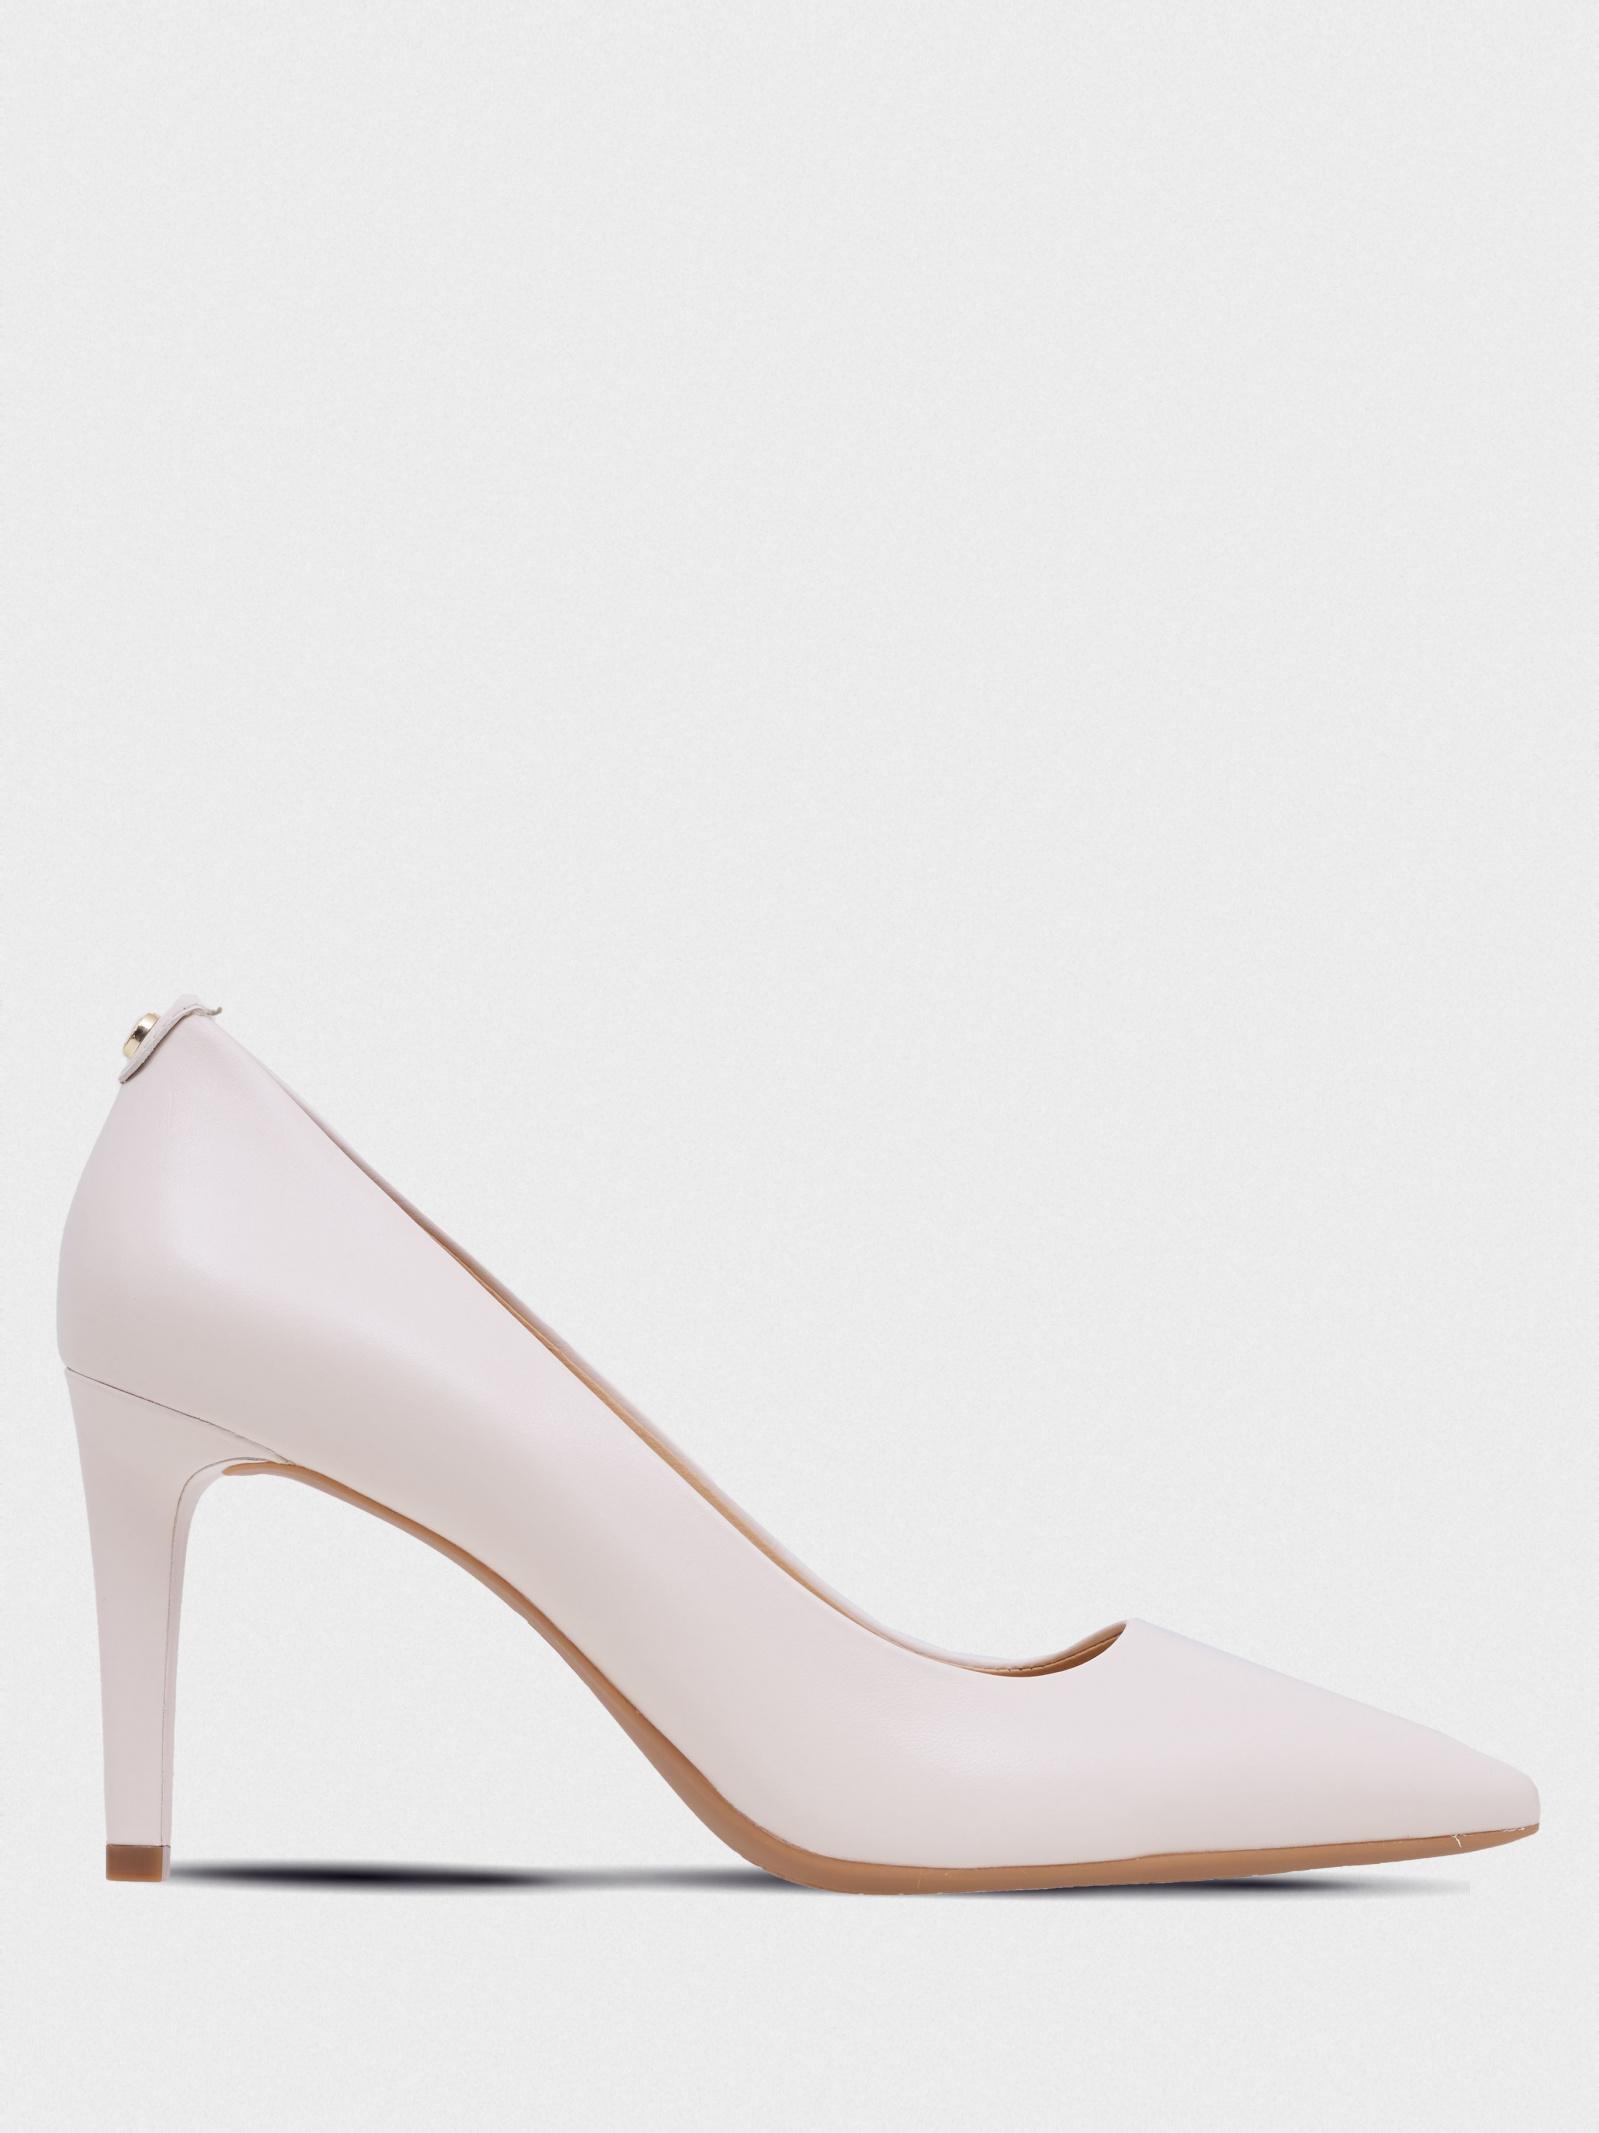 Туфли женские Michael Kors 4Y65 цена, 2017